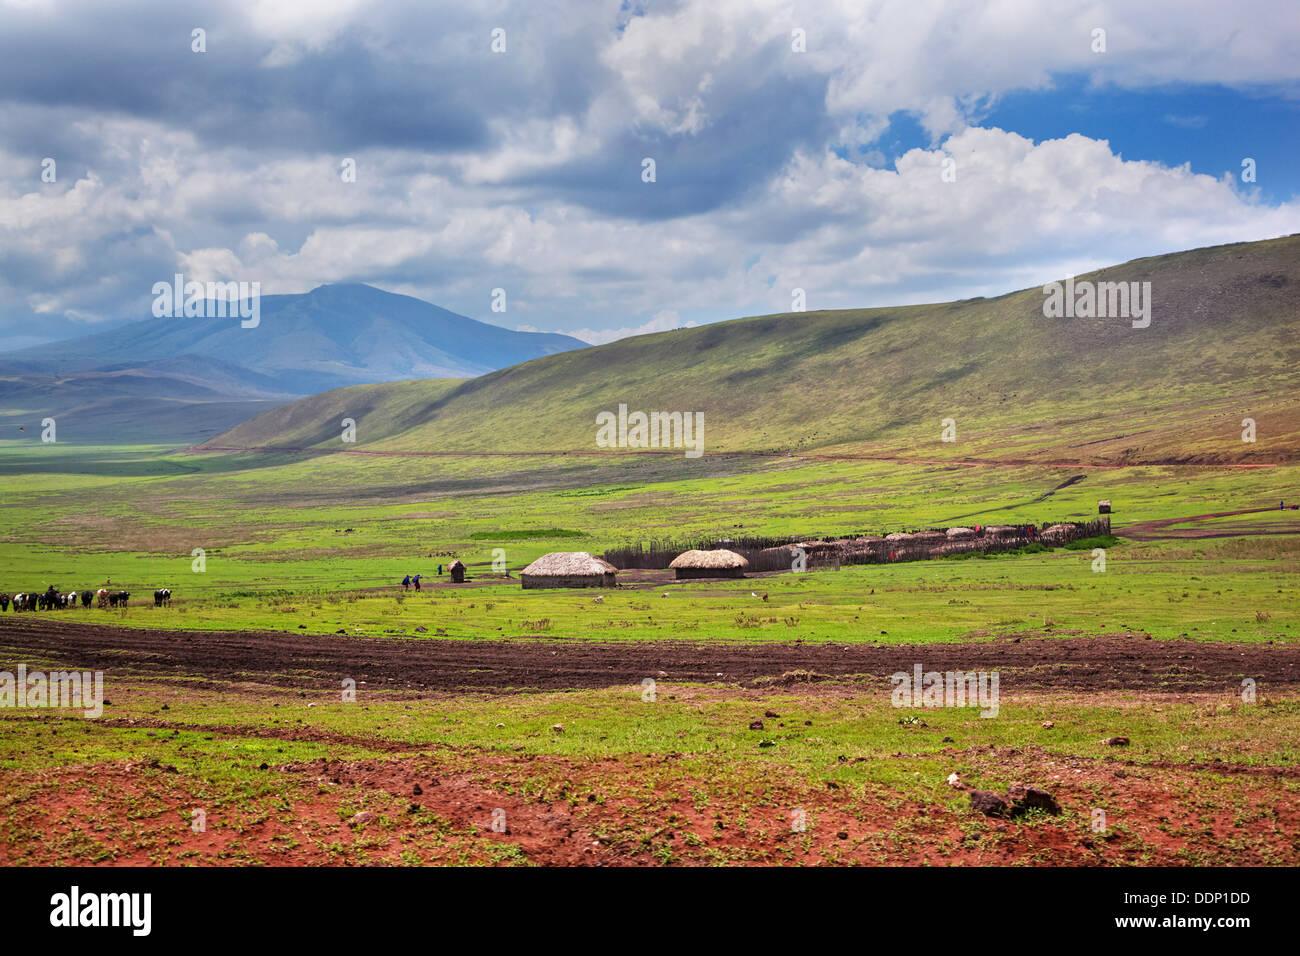 Savana paesaggio in Tanzania, Africa. Case masai nella valle. Immagini Stock